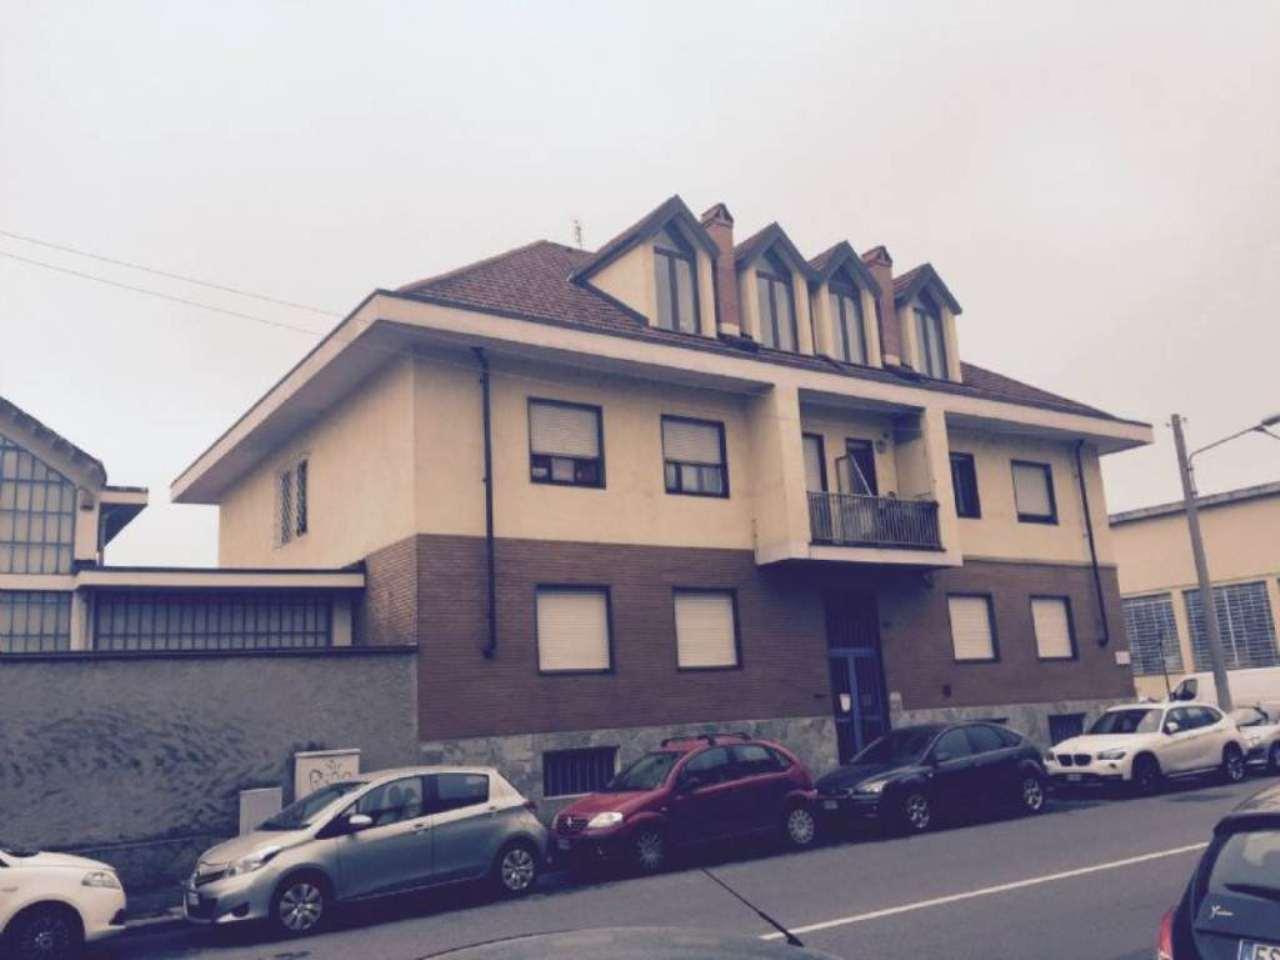 Immagine immobiliare MASSARI 199 In area artigianale-commerciale, facilmente raggiungibile dalla rete autostradale e da Corso Grosseto, affittasi capannone industriale di c.ca 800 mq. dotato di doppio accesso carraio, da Via Massari e da Via...